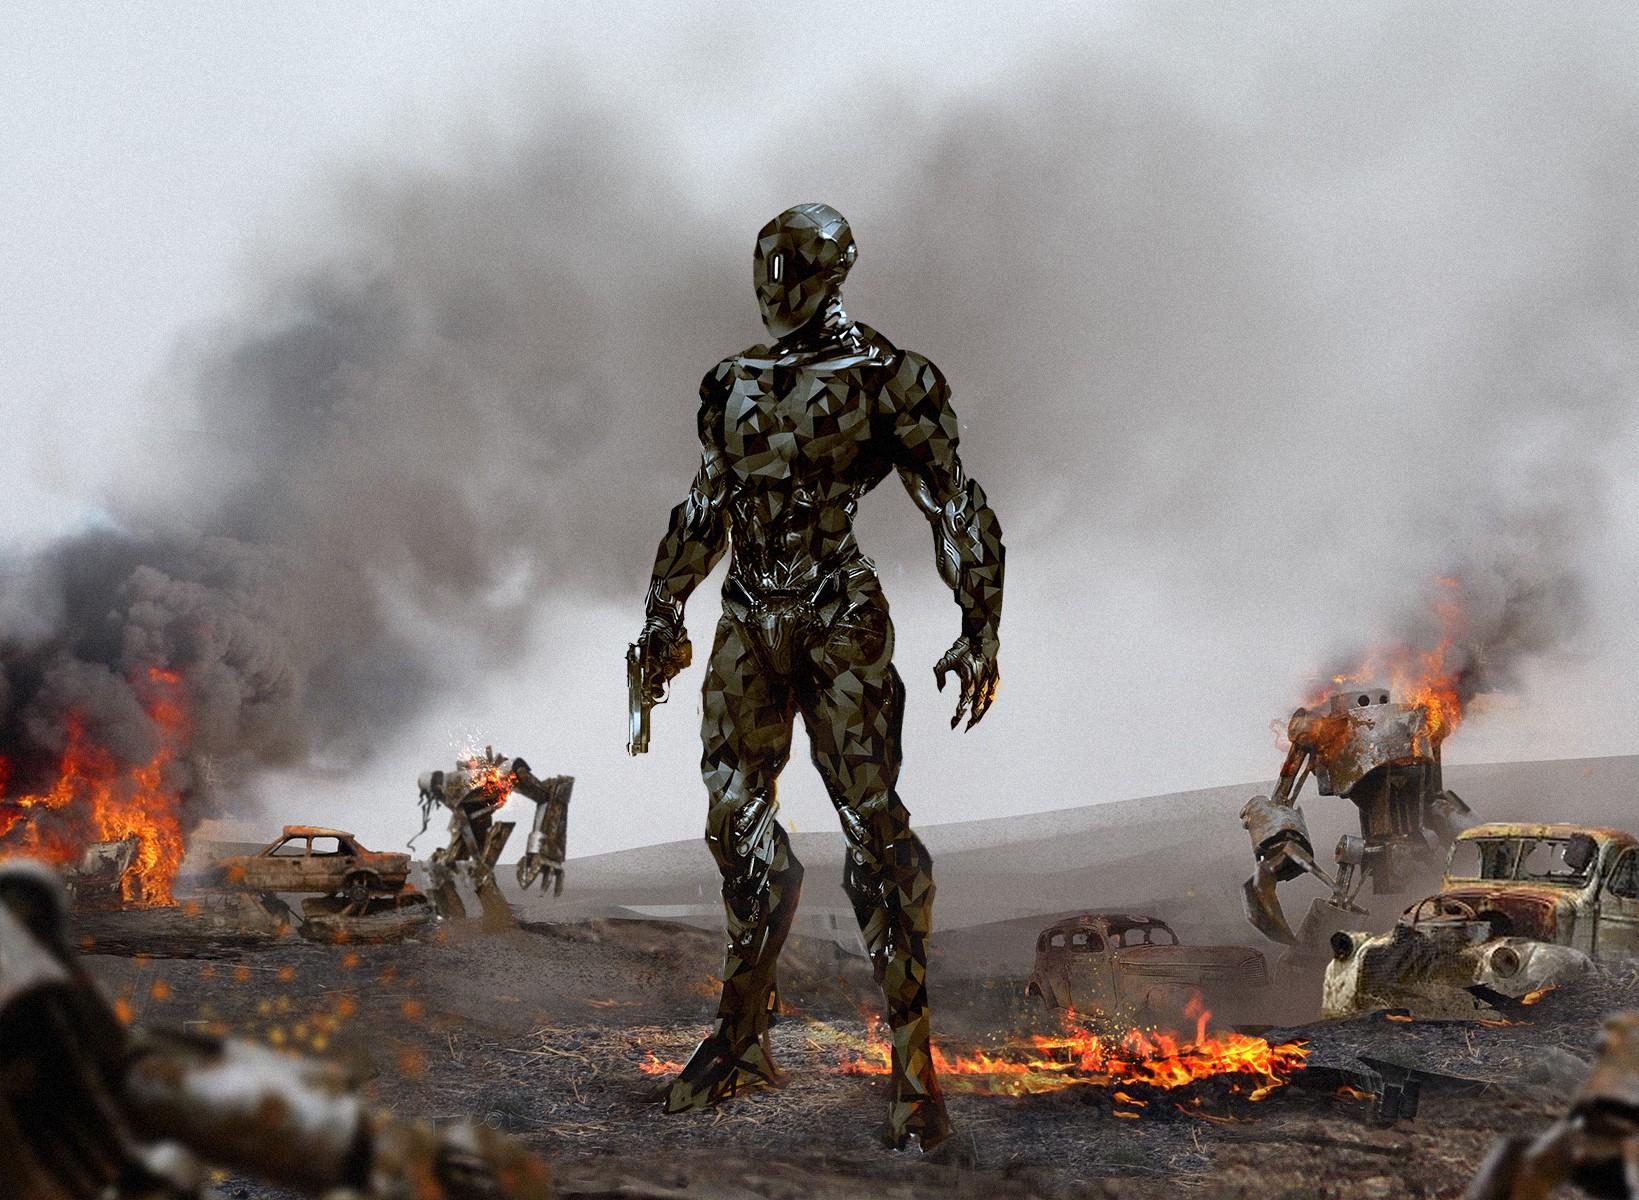 Design Villain Concept Art for Film.